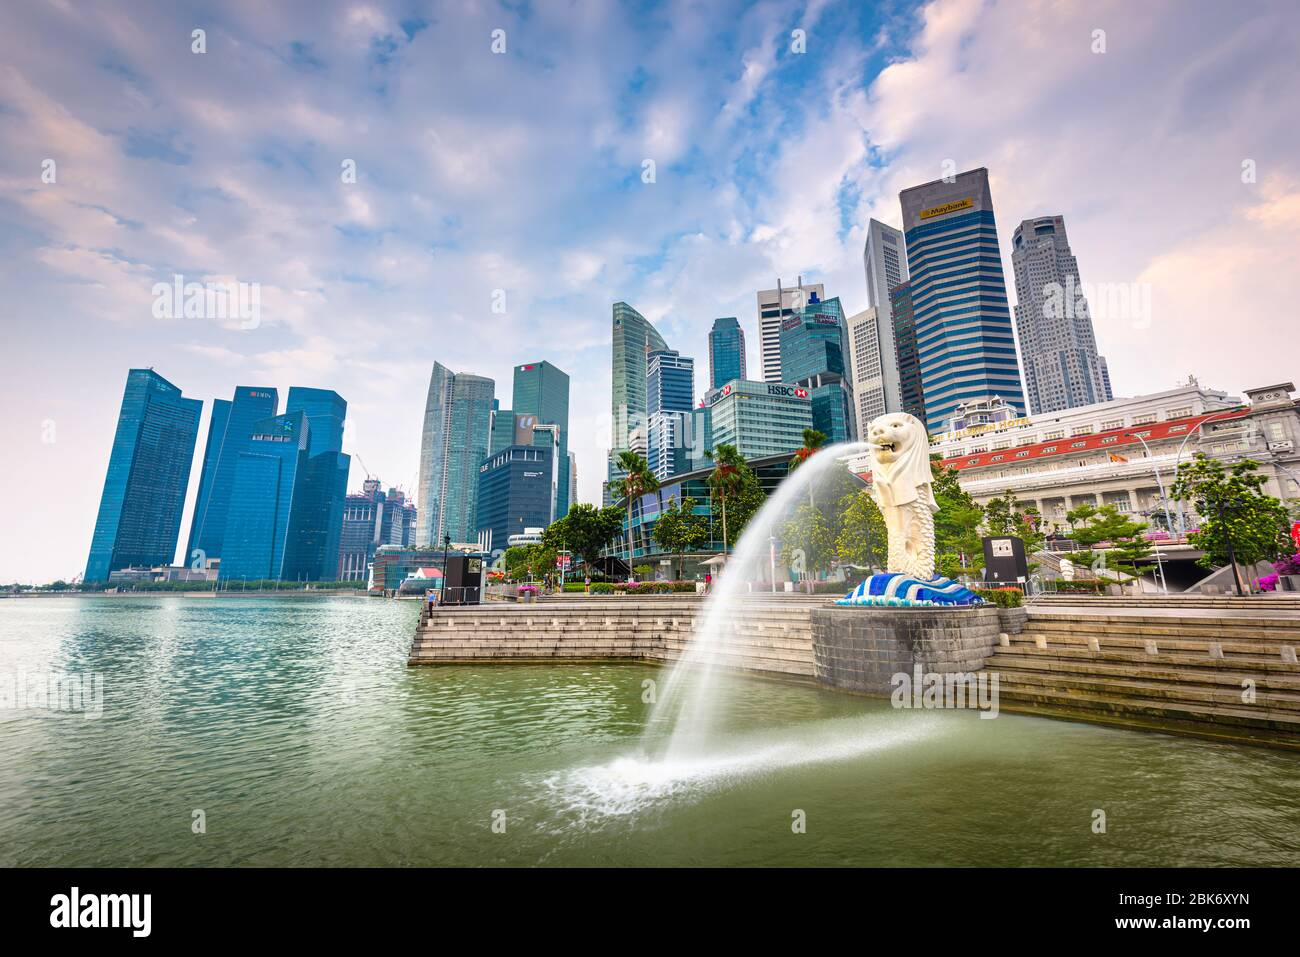 Singapour - septembre 3, 2015: la fontaine et la statue du Merlion Singapour. La statue est considérée comme la personnification de Singapo Banque D'Images